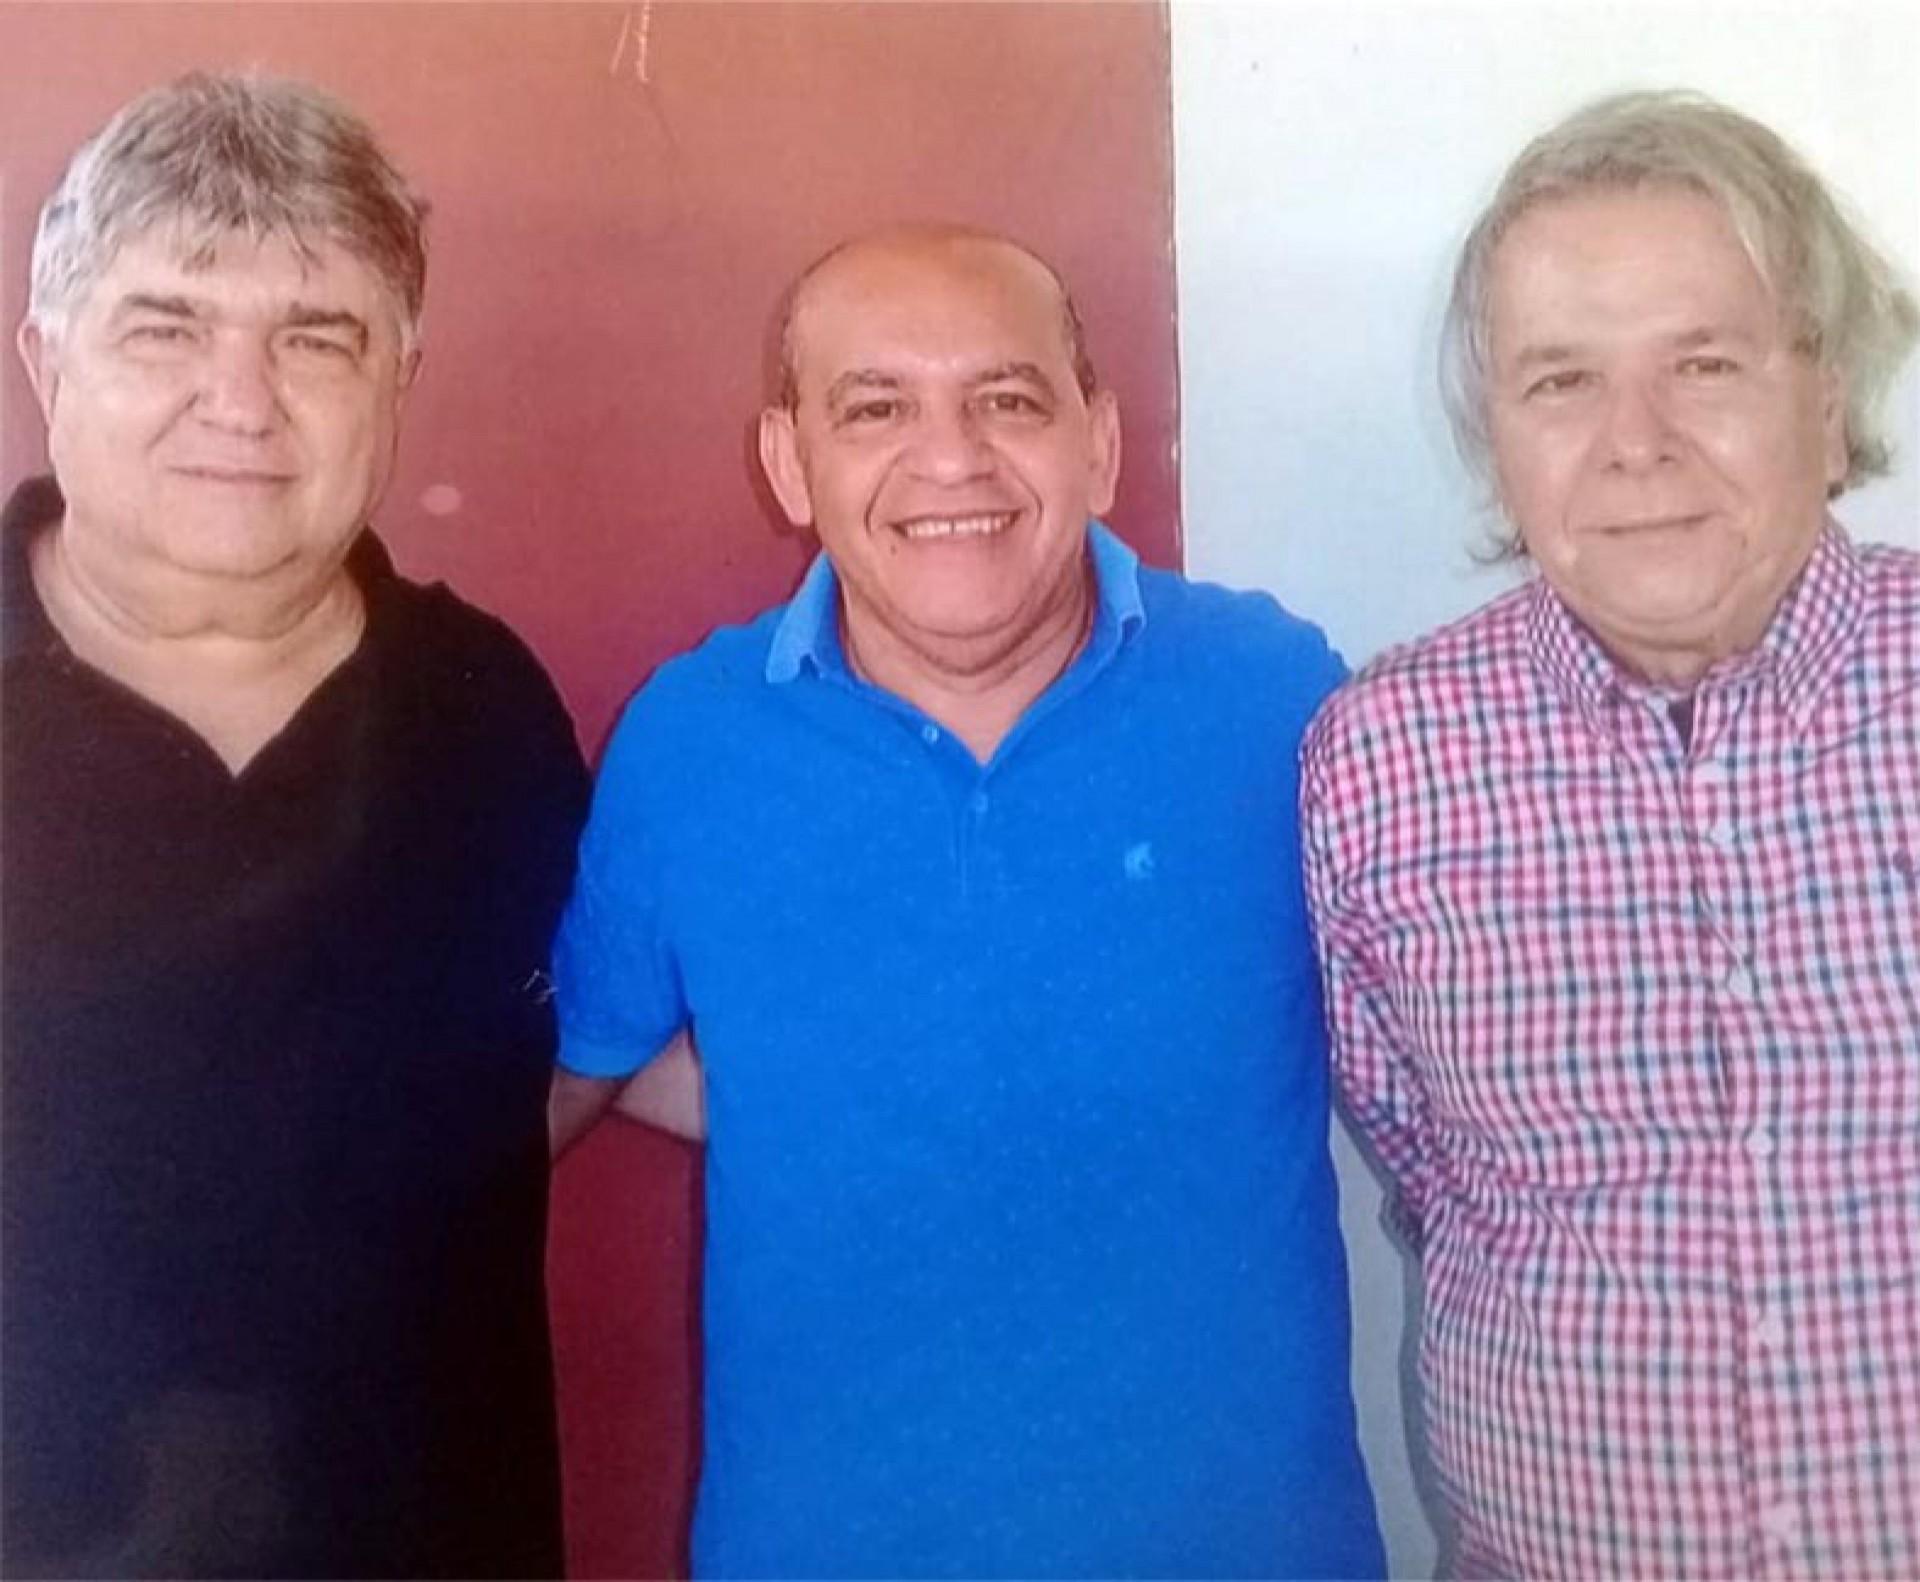 CARLOS Benevides, César Pereira, Nildo Sobral, msa altamente papeável no Peru de Independência (Foto: 140921Lucio)